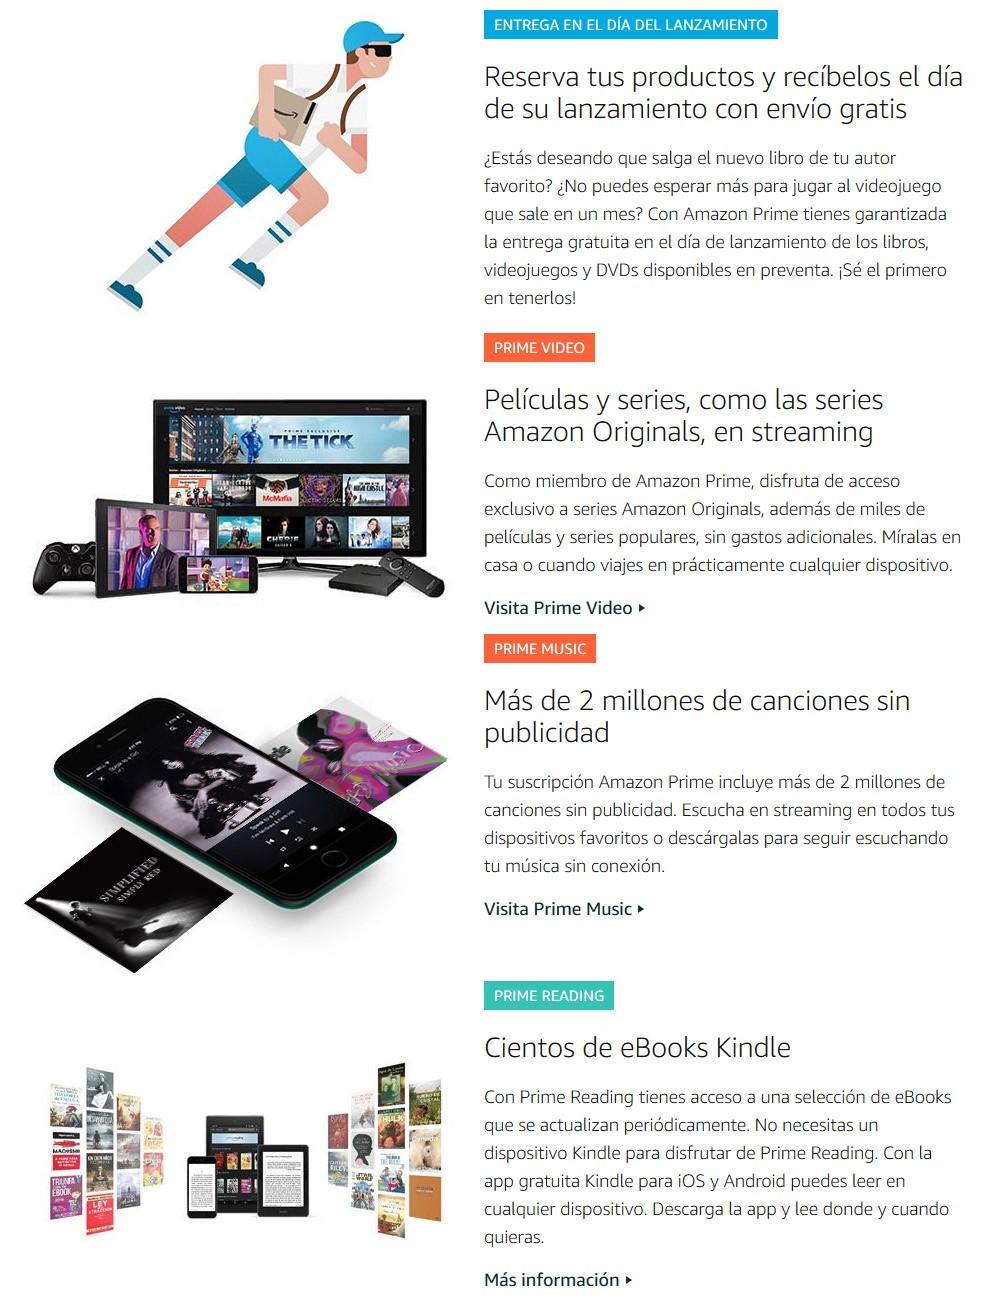 Ventajas de suscribirse a Amazon Prime